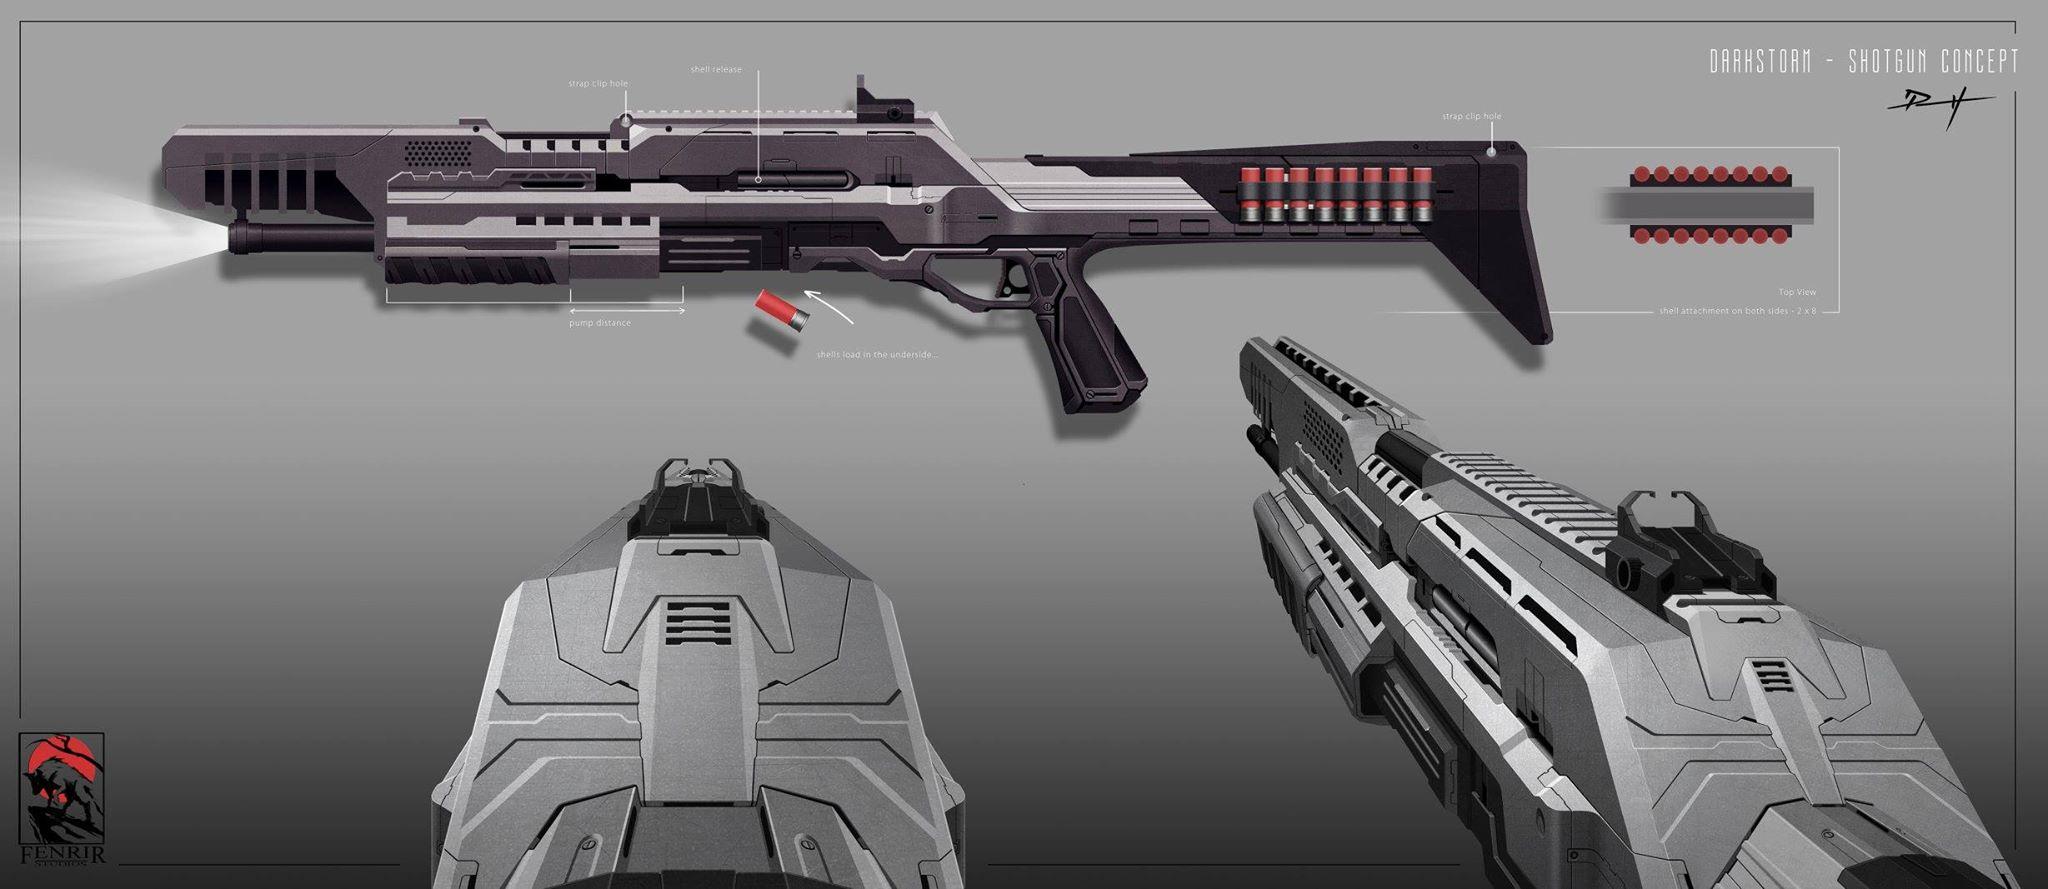 shotgun art